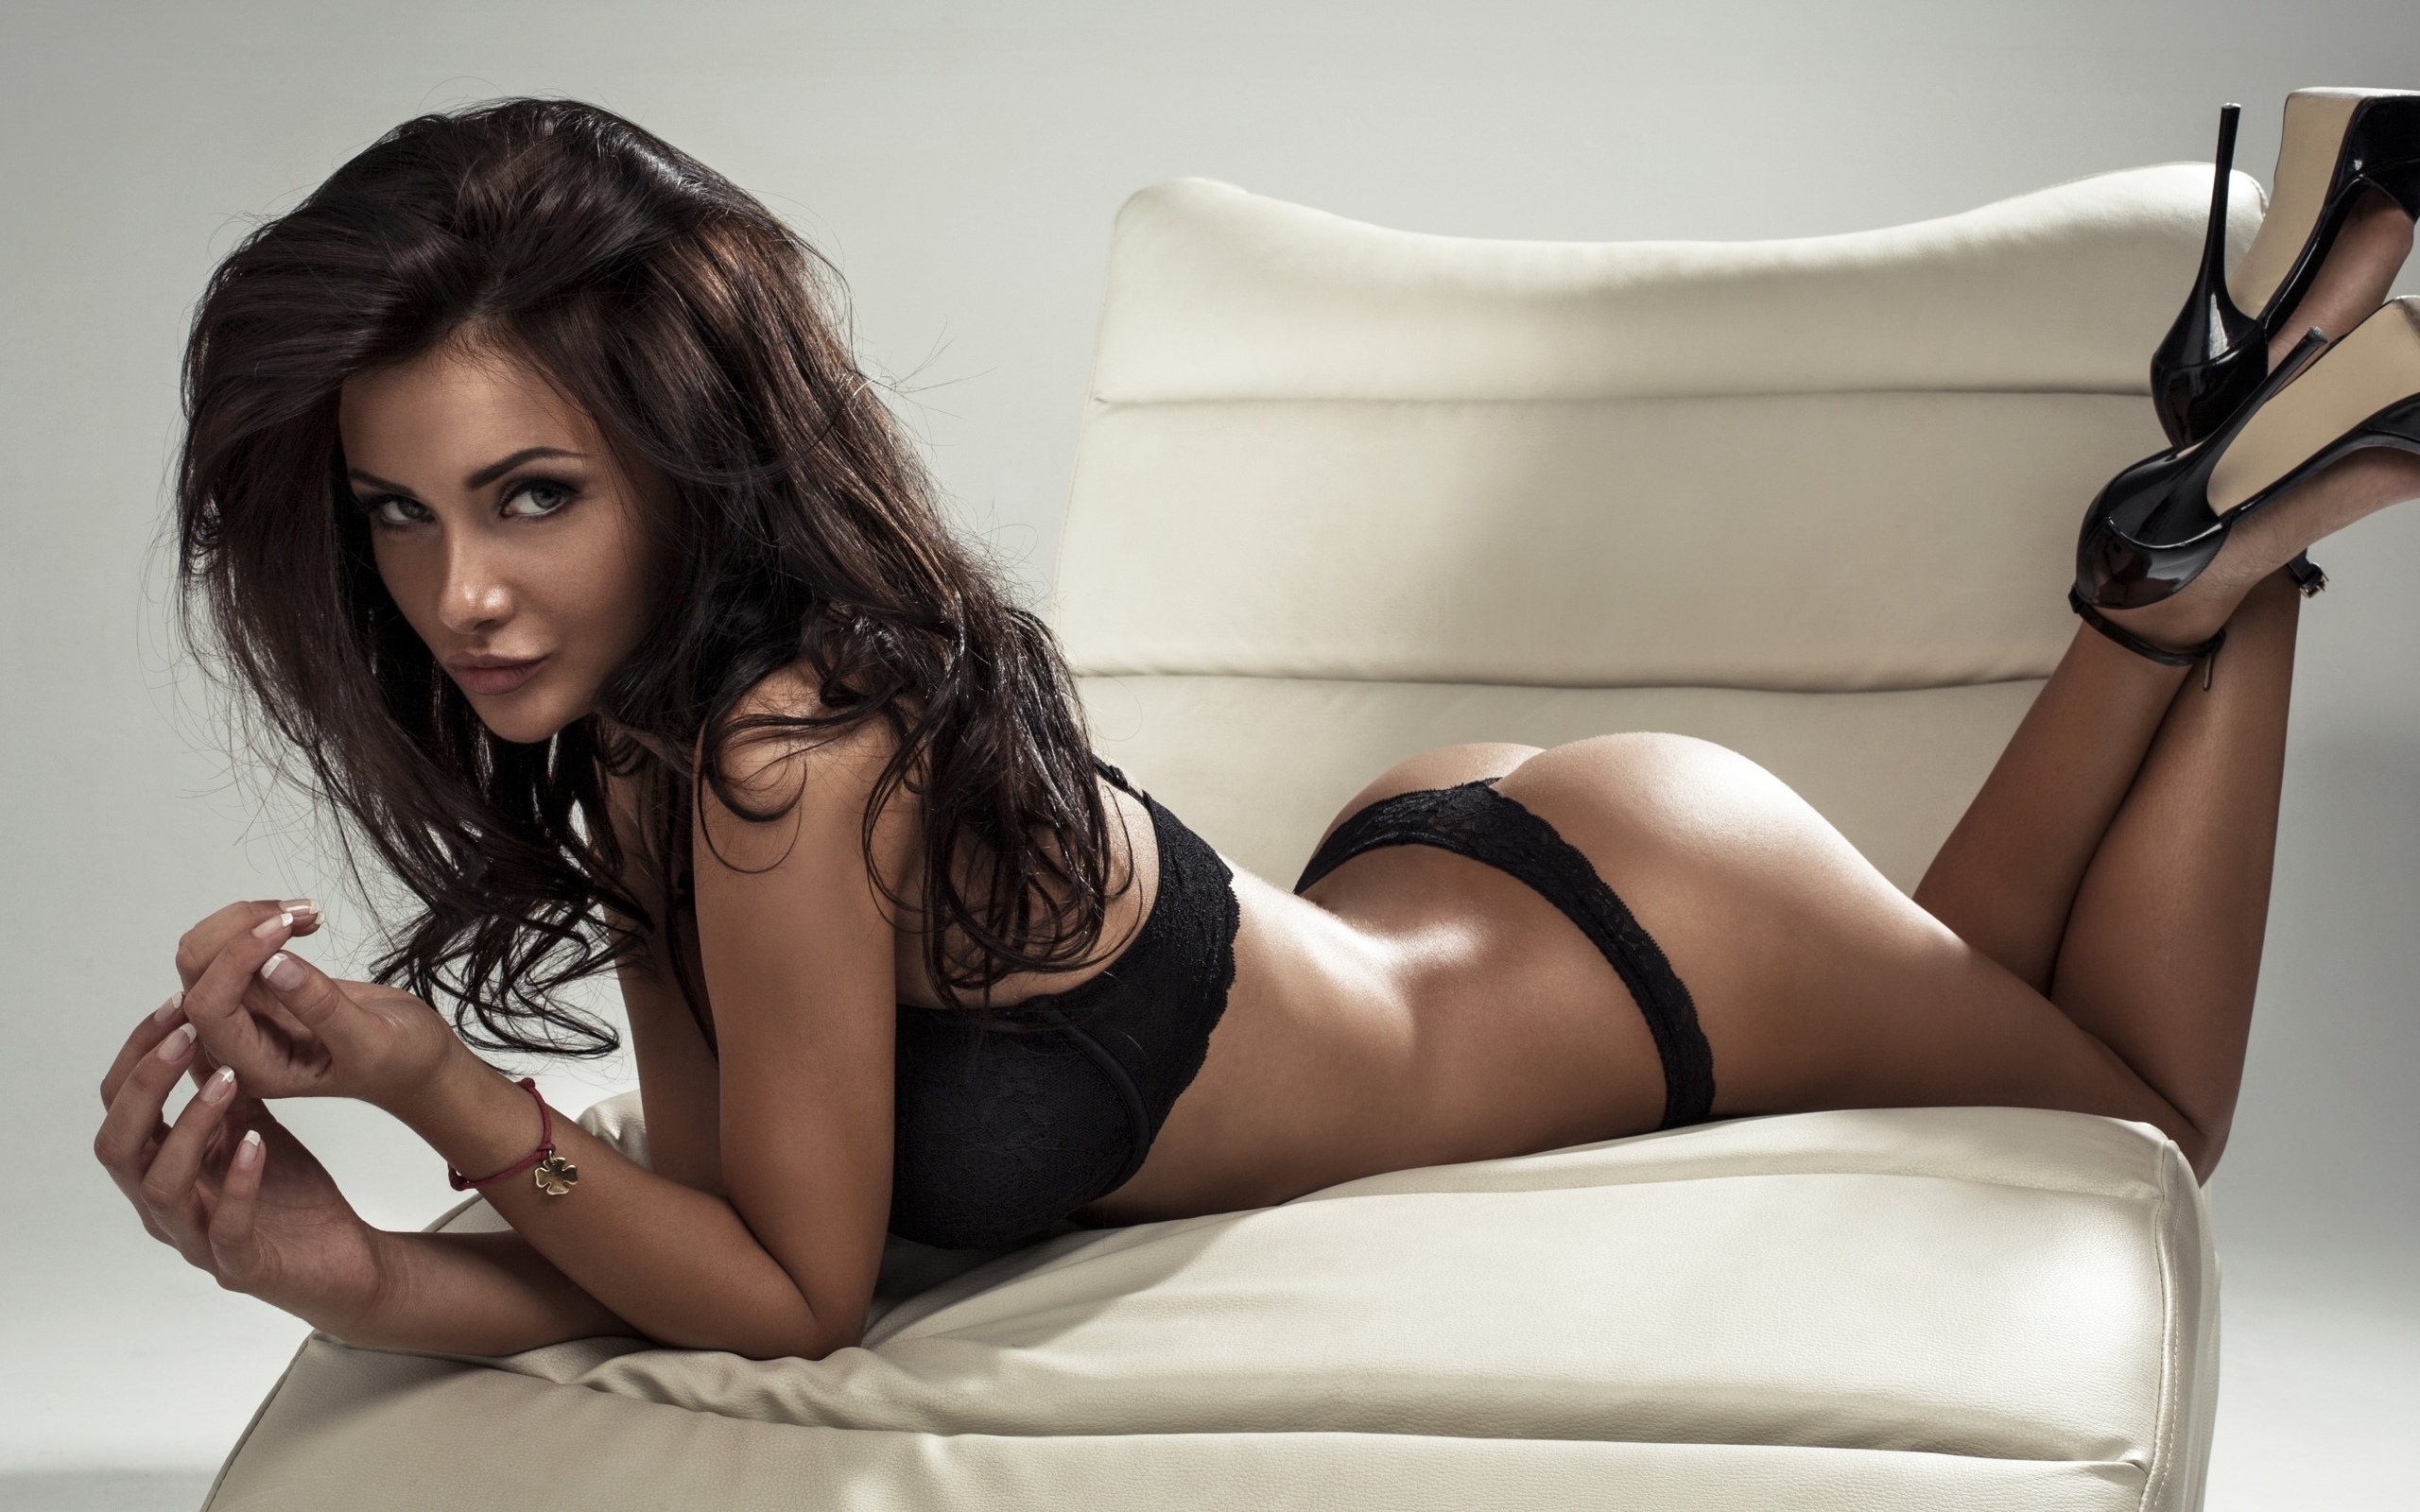 Сексуальне красивые девушки, Порно видео с красивыми и миловидными девушками 16 фотография